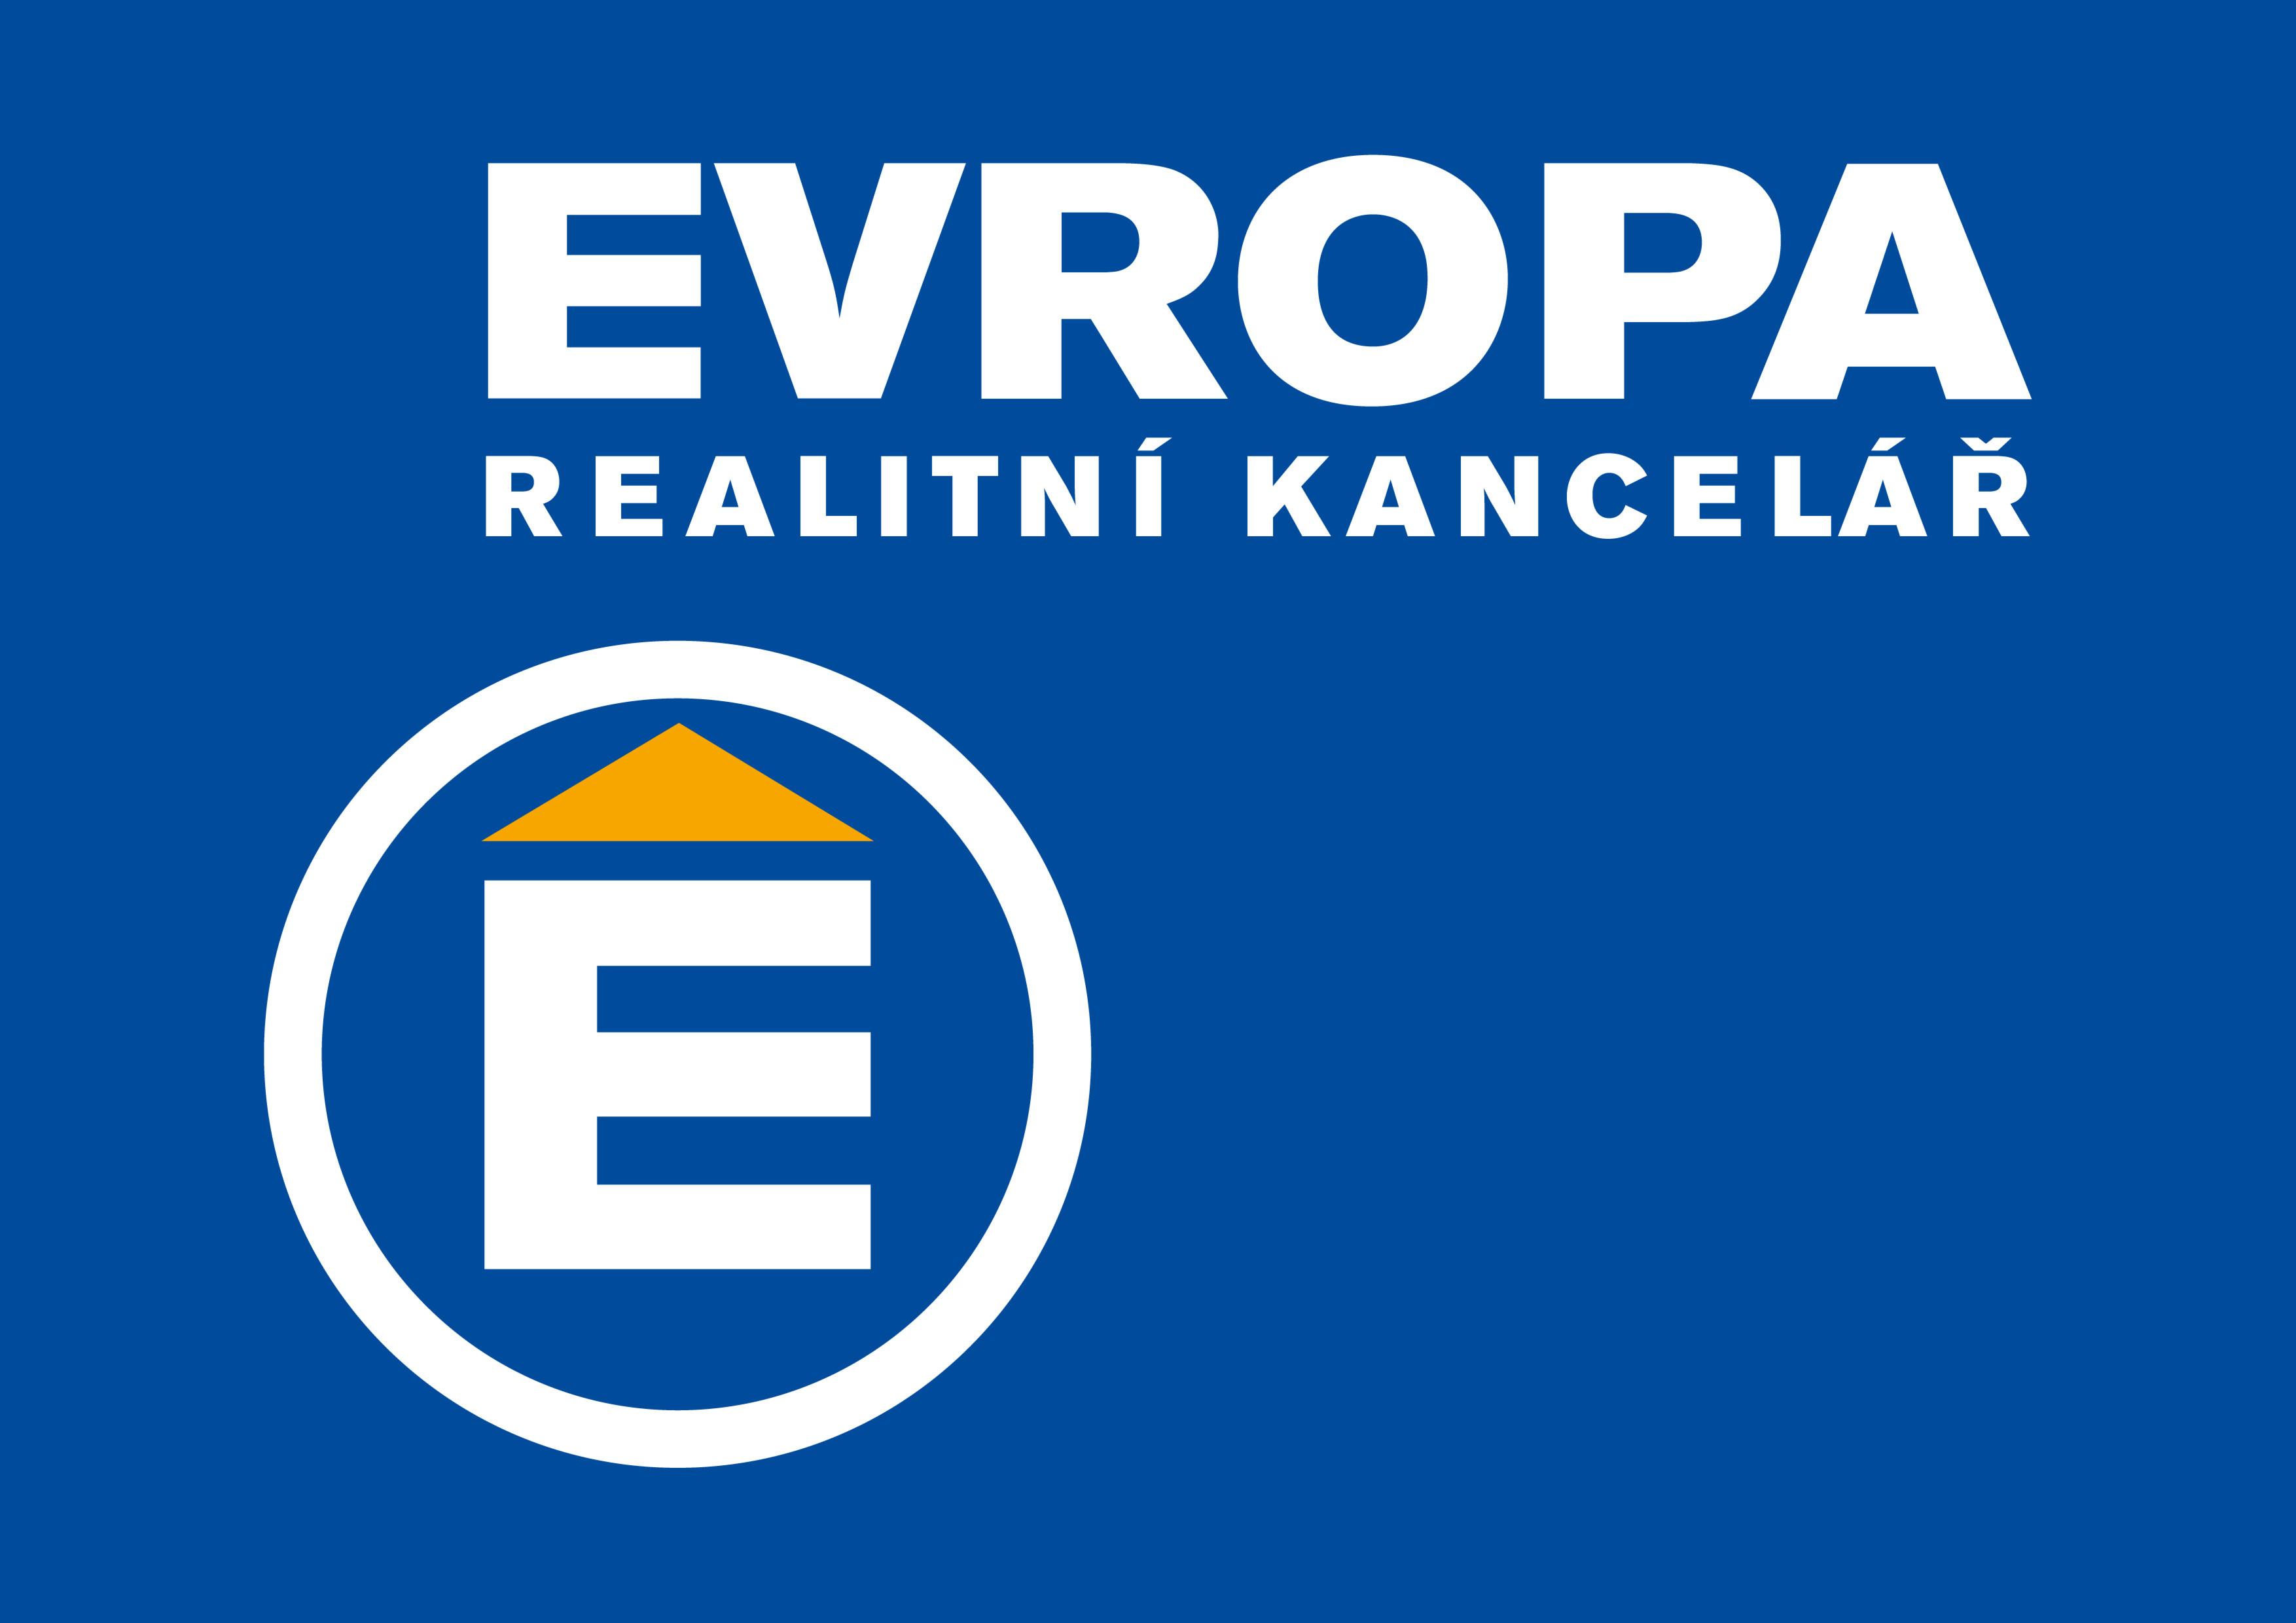 EVROPA Realitní kancelář ČELÁKOVICE